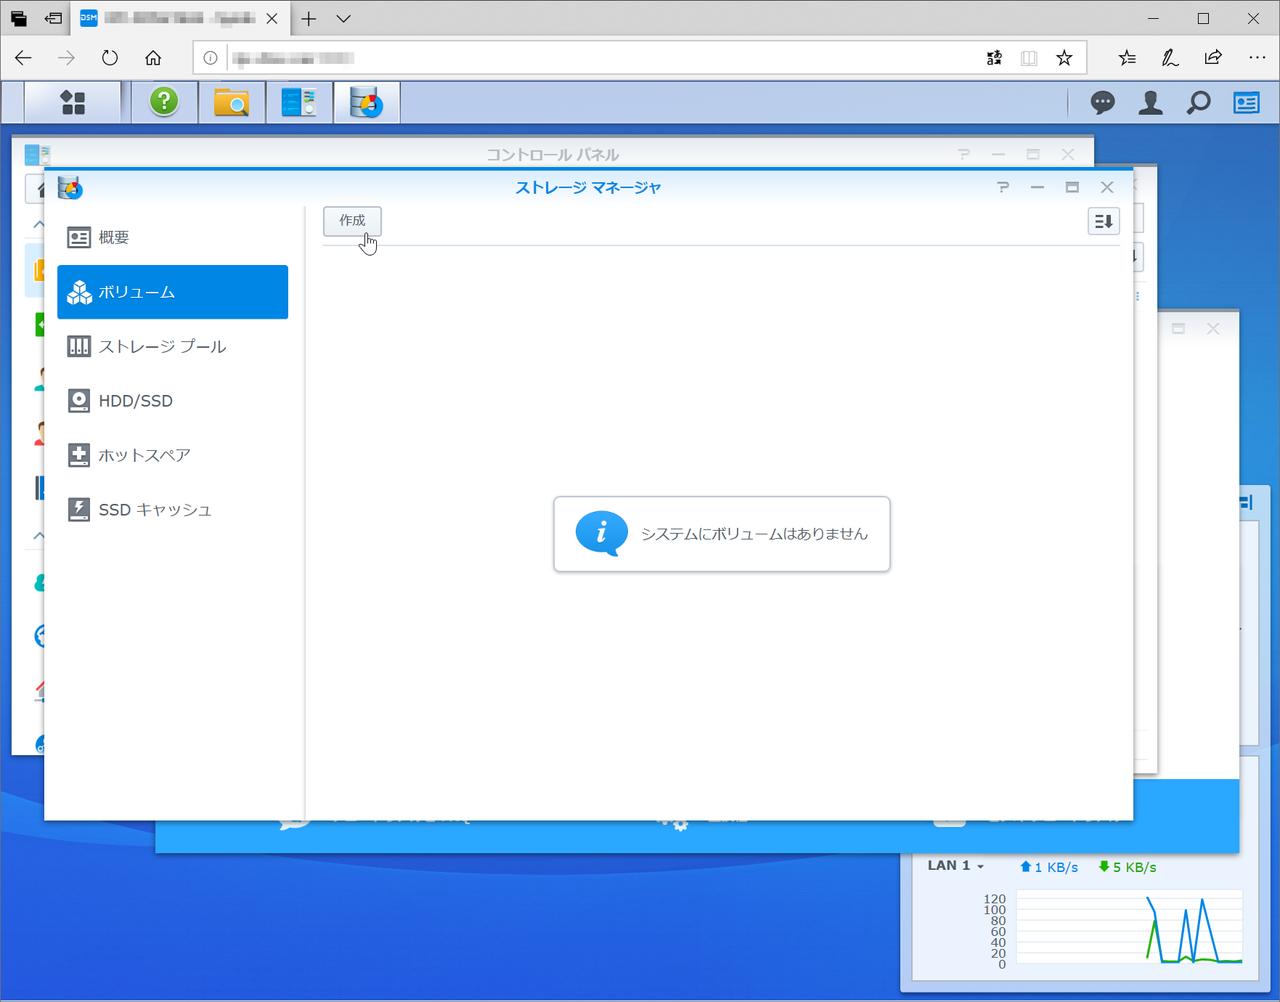 まずは4台のSSDに区画=ボリュームを作る作業から。[ボリューム]メニューの[作成]をクリック